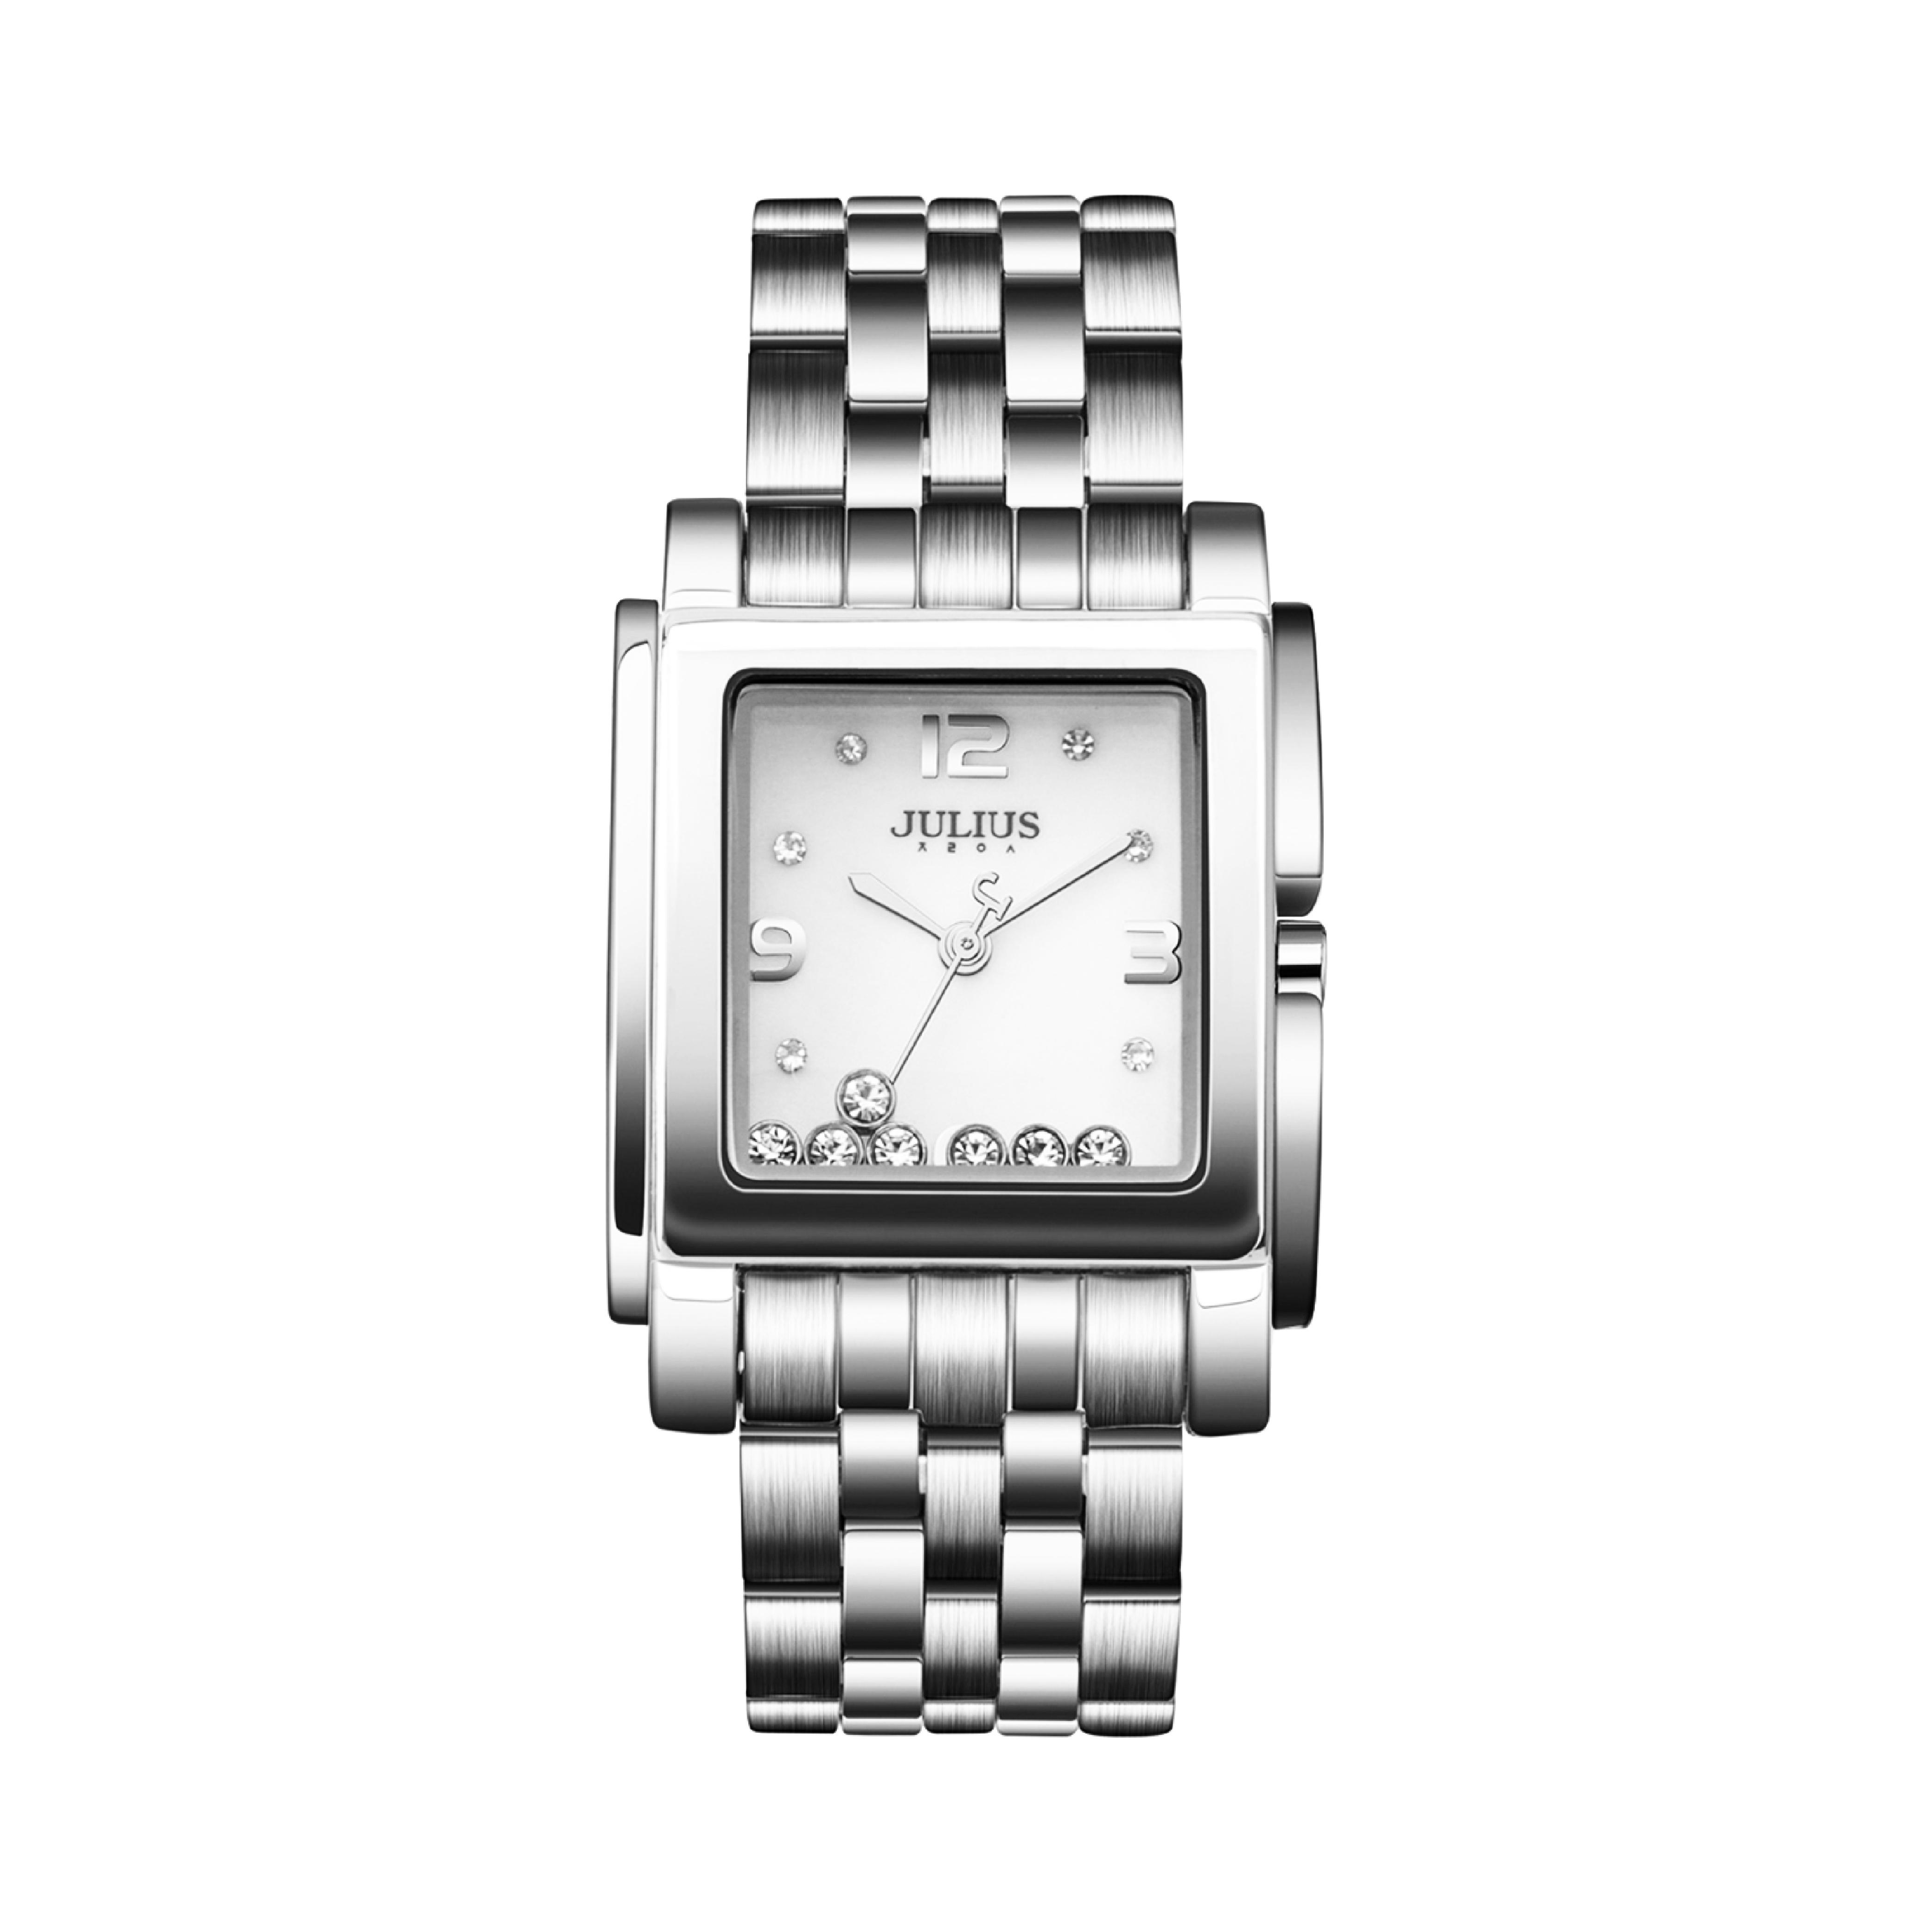 นาฬิกาข้อมือผู้หญิง JULIUS JA-355 A